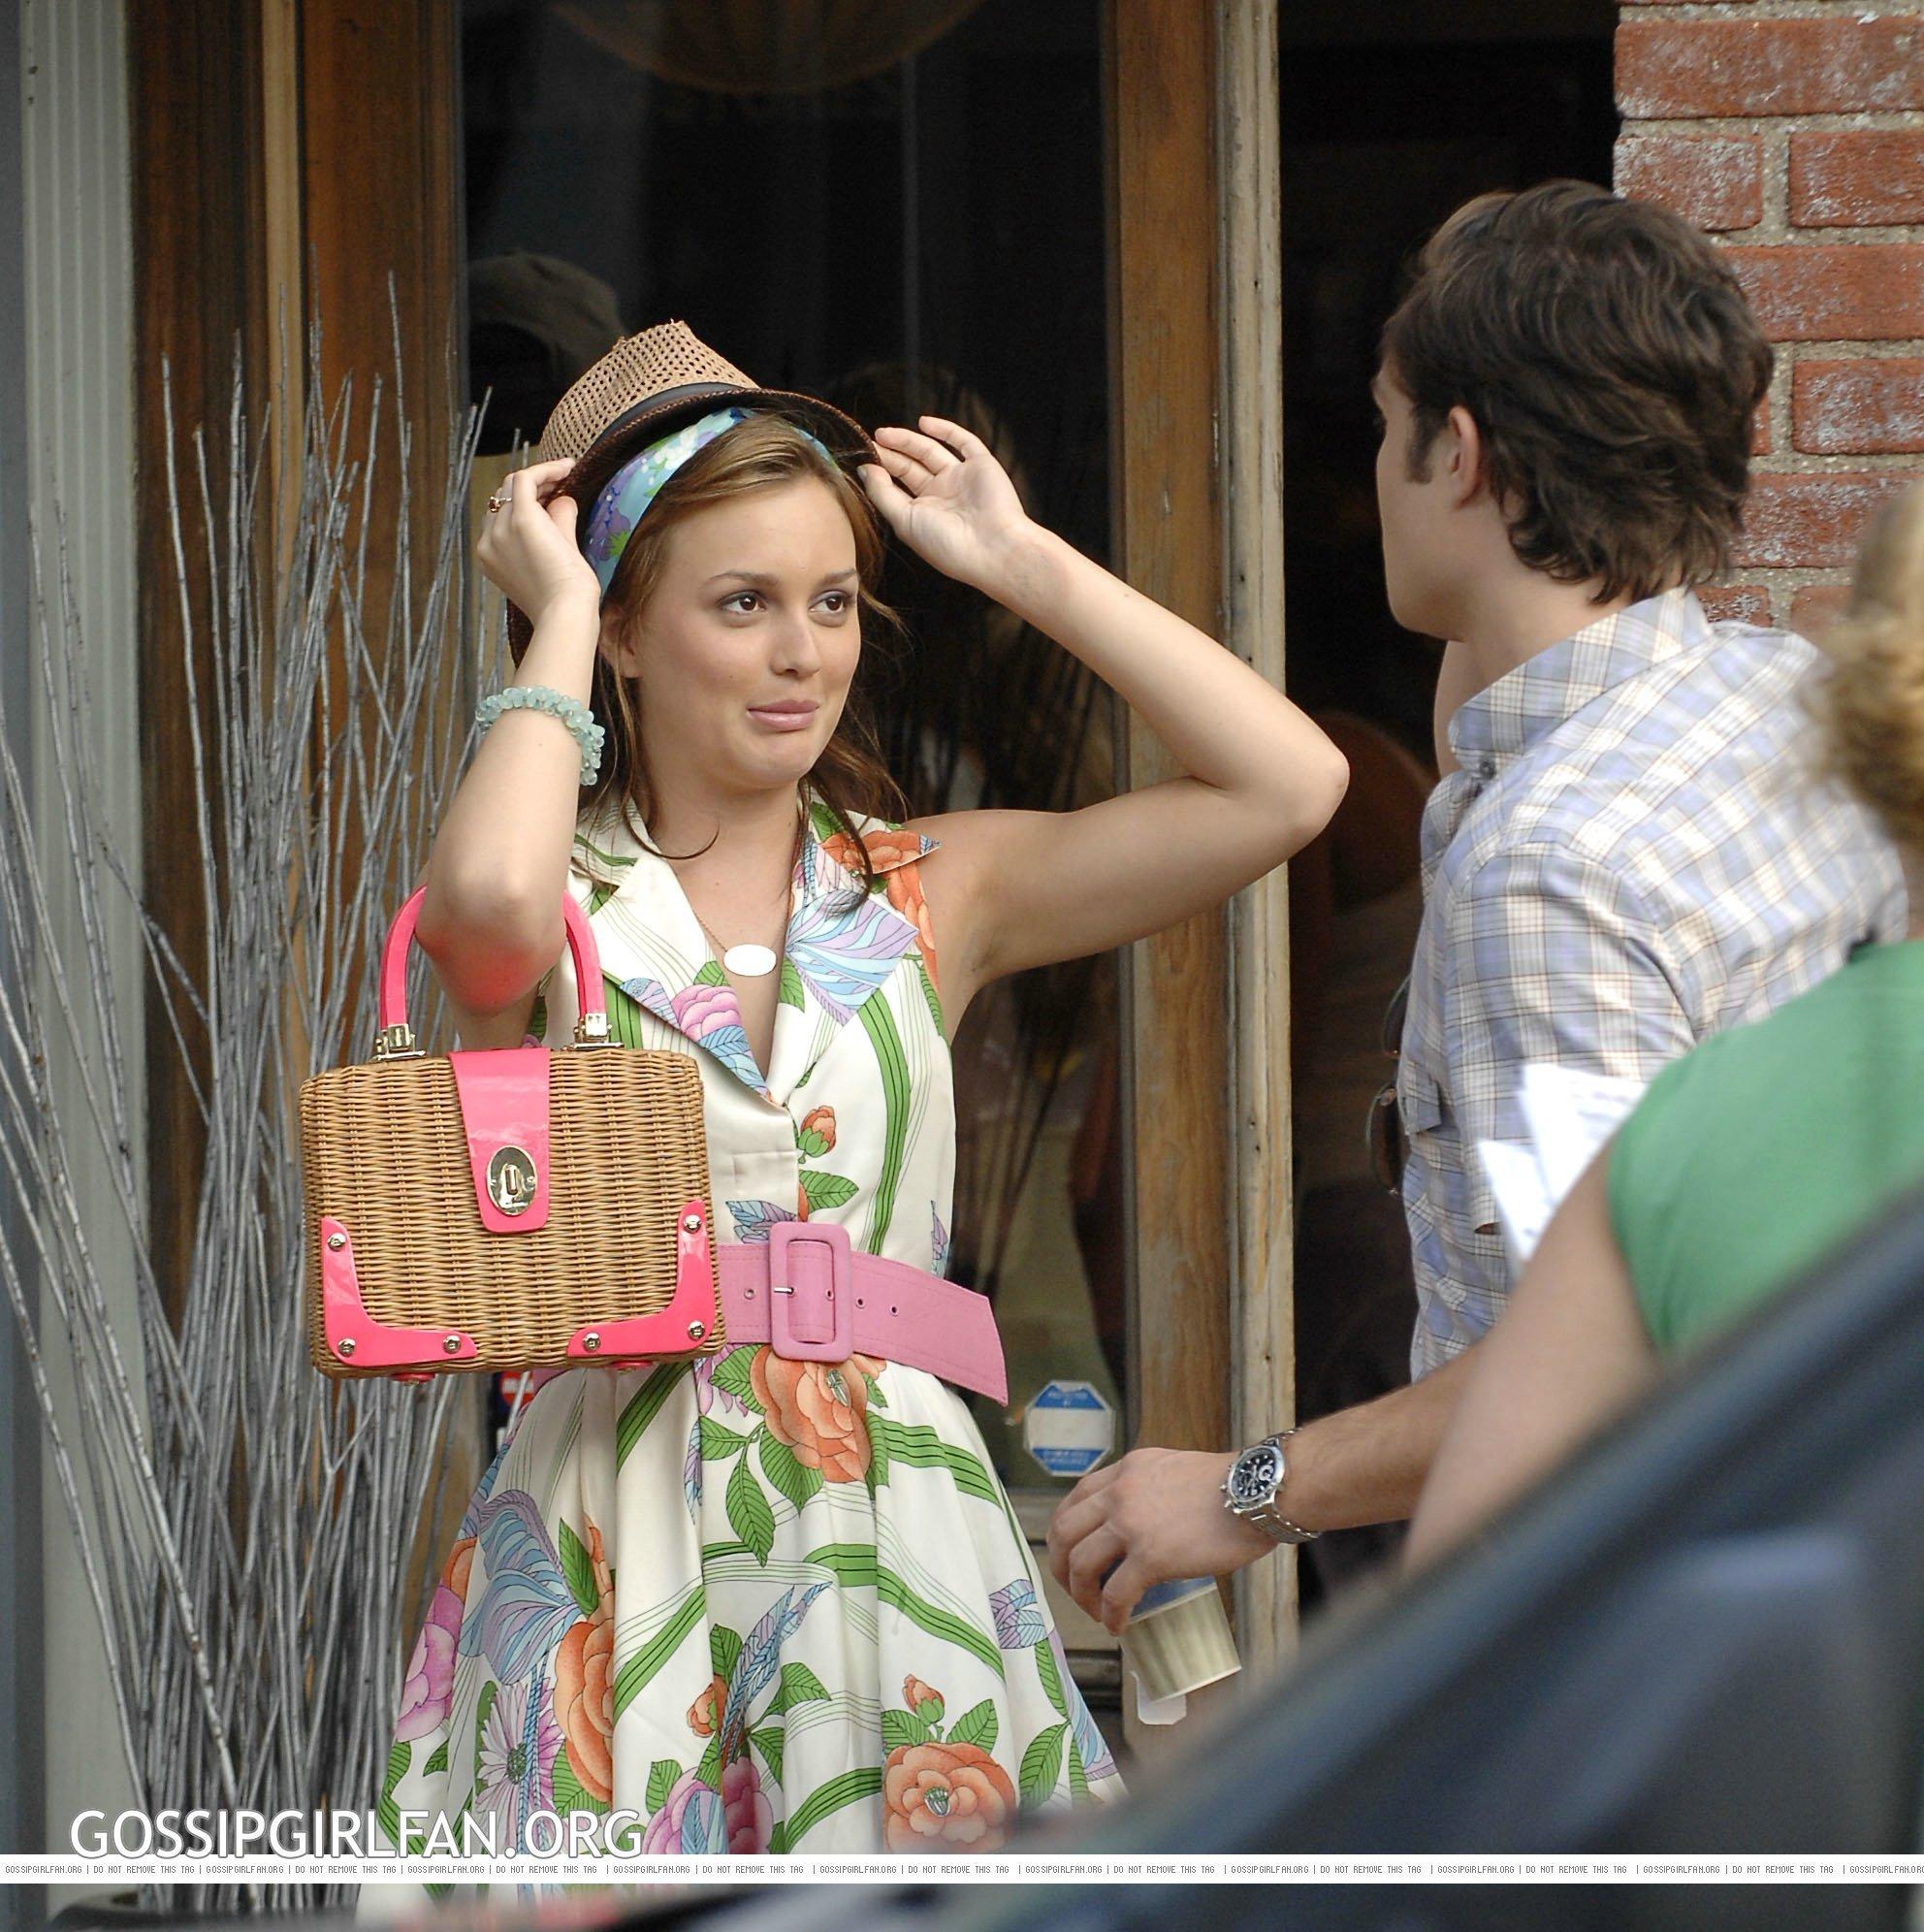 Blair  amp  Chuck - Gossip Girl Photo (1640792) - Fanpop 520082a060f